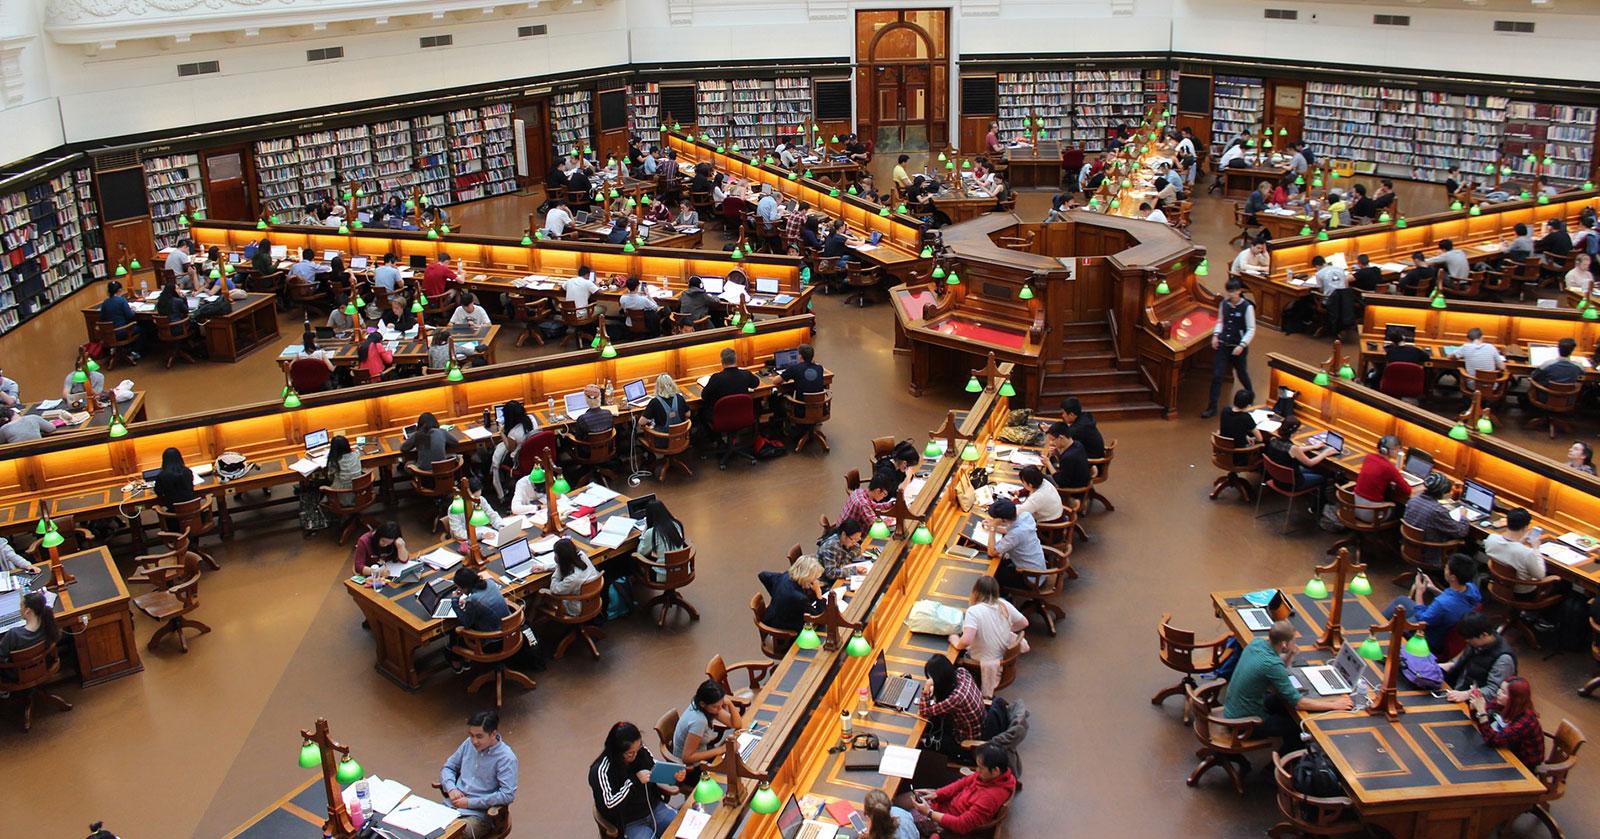 Uni versus Fachhochschule: 5 Unterschiede, die dir die Entscheidung erleichtern